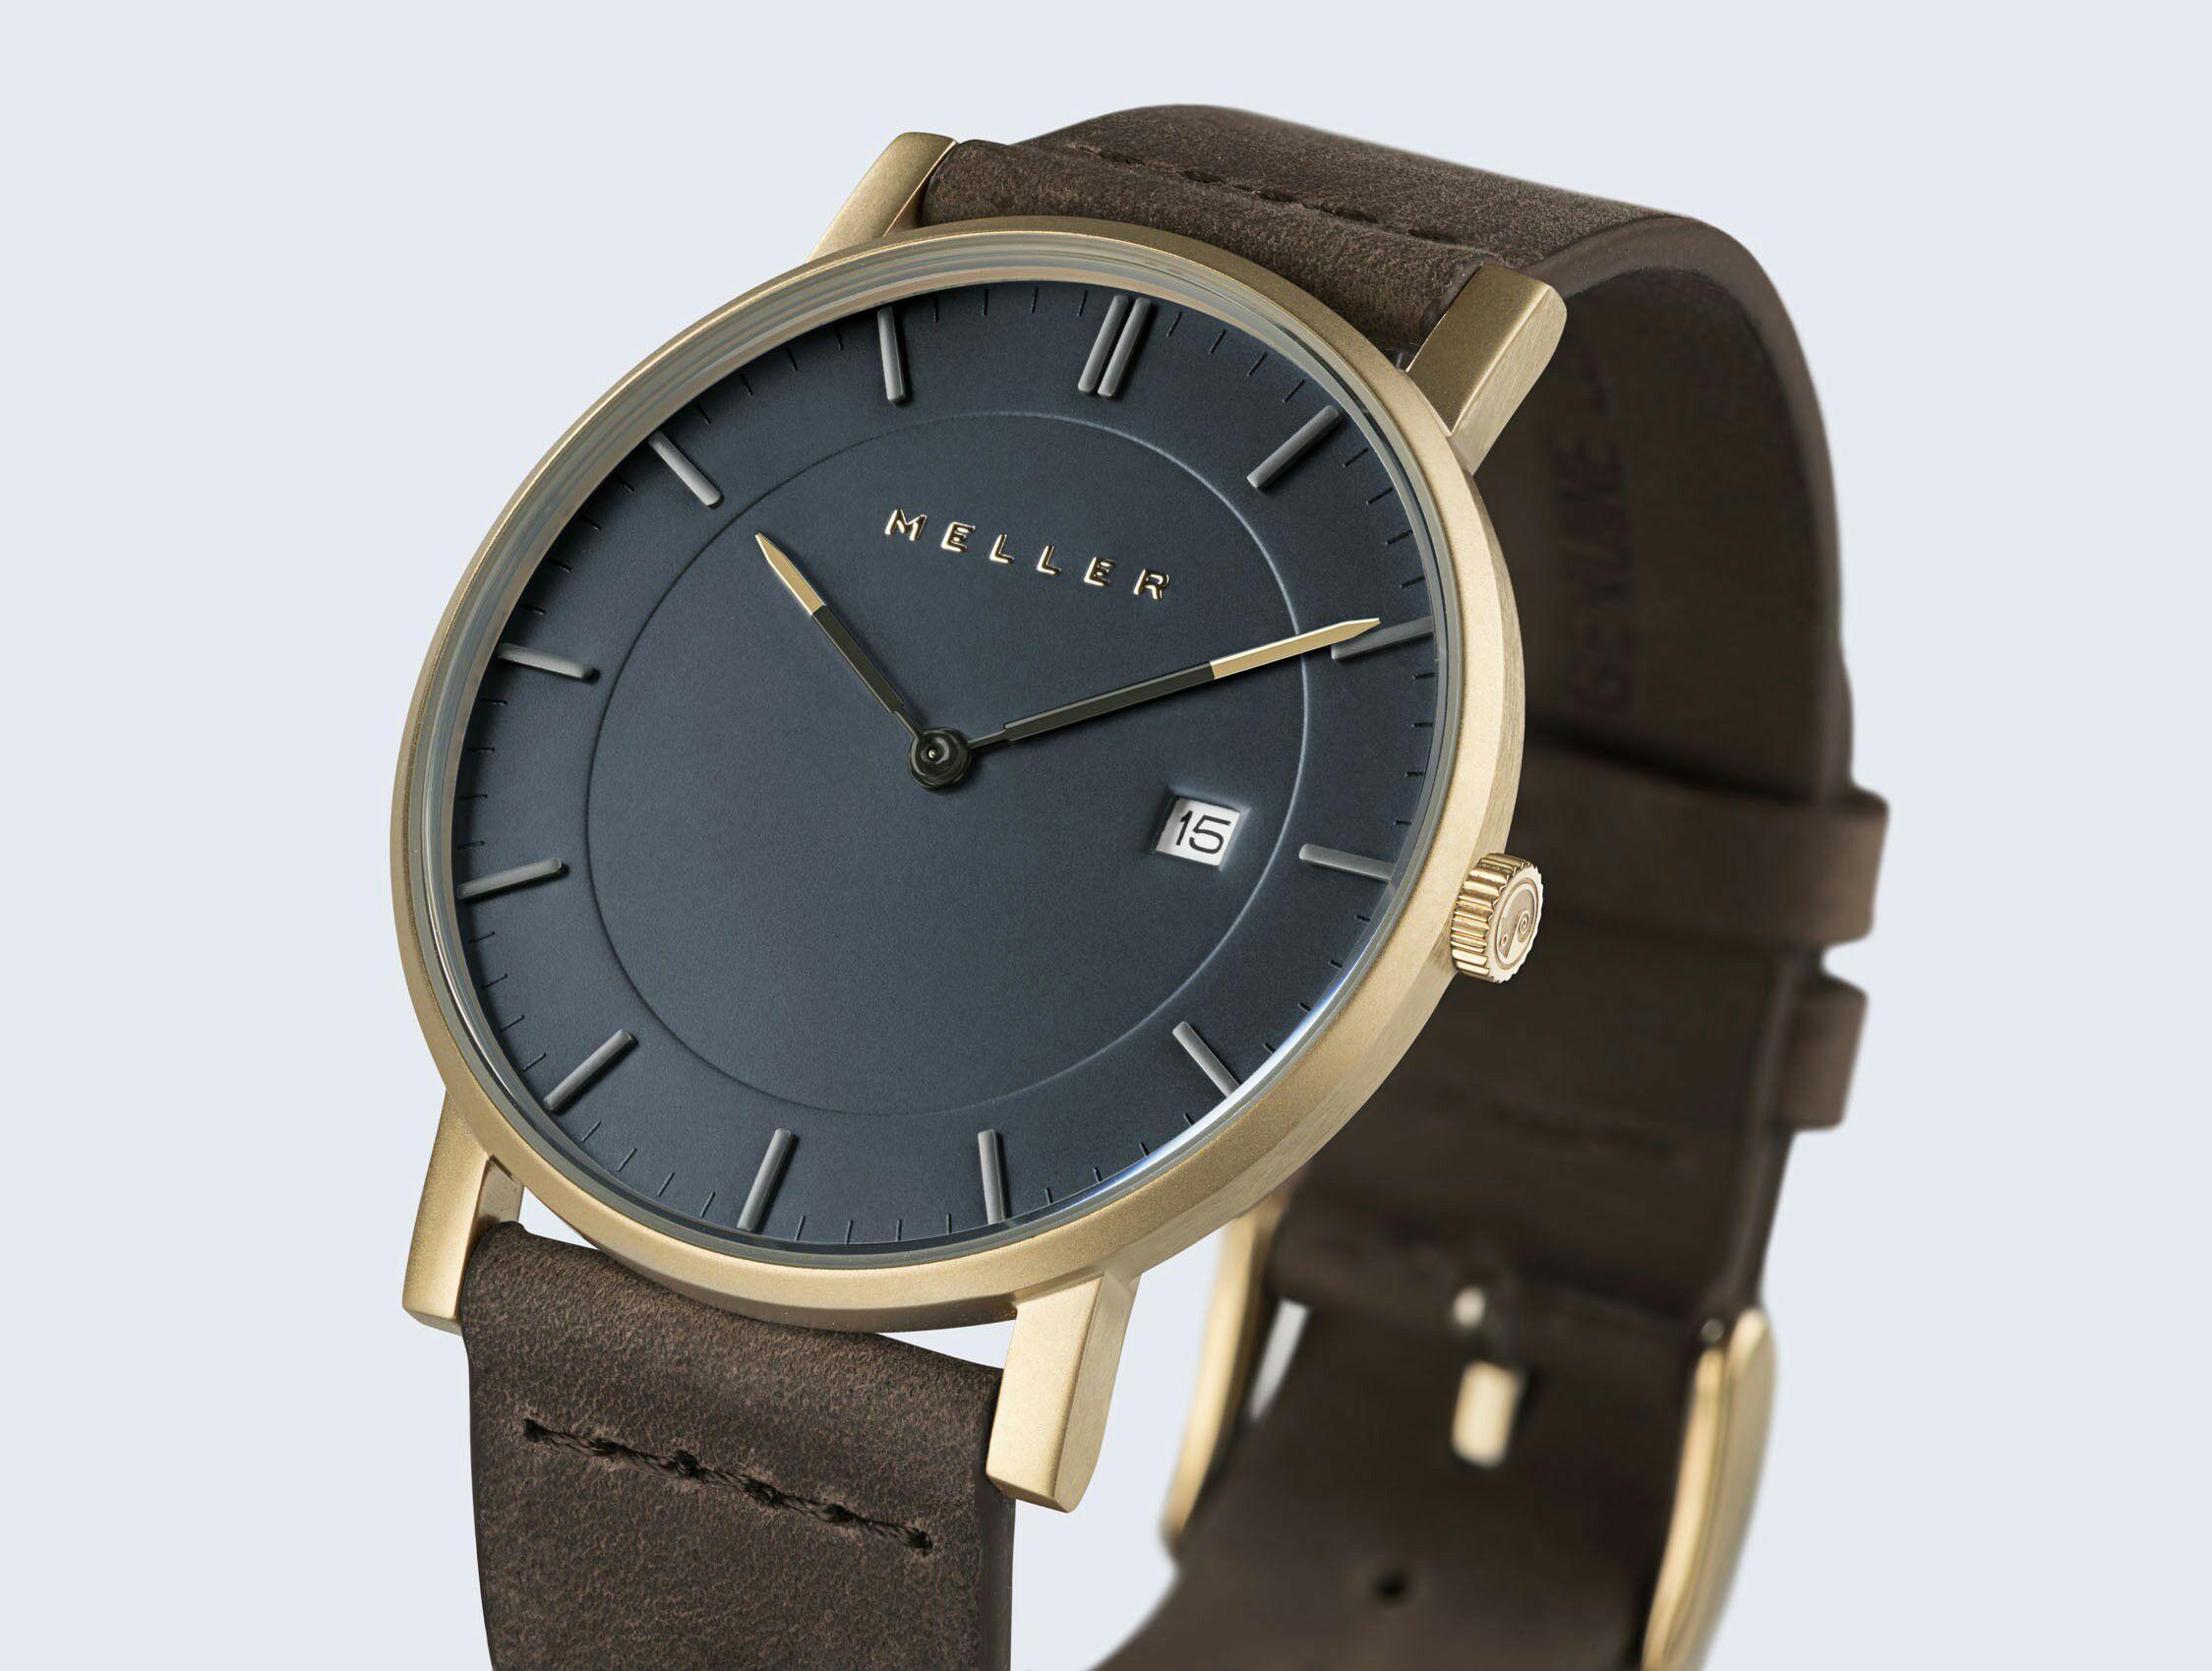 30€ de réduction sur les montres (sans minimum d'achat) - Exemple : montre Astar Balk Earth à 59€